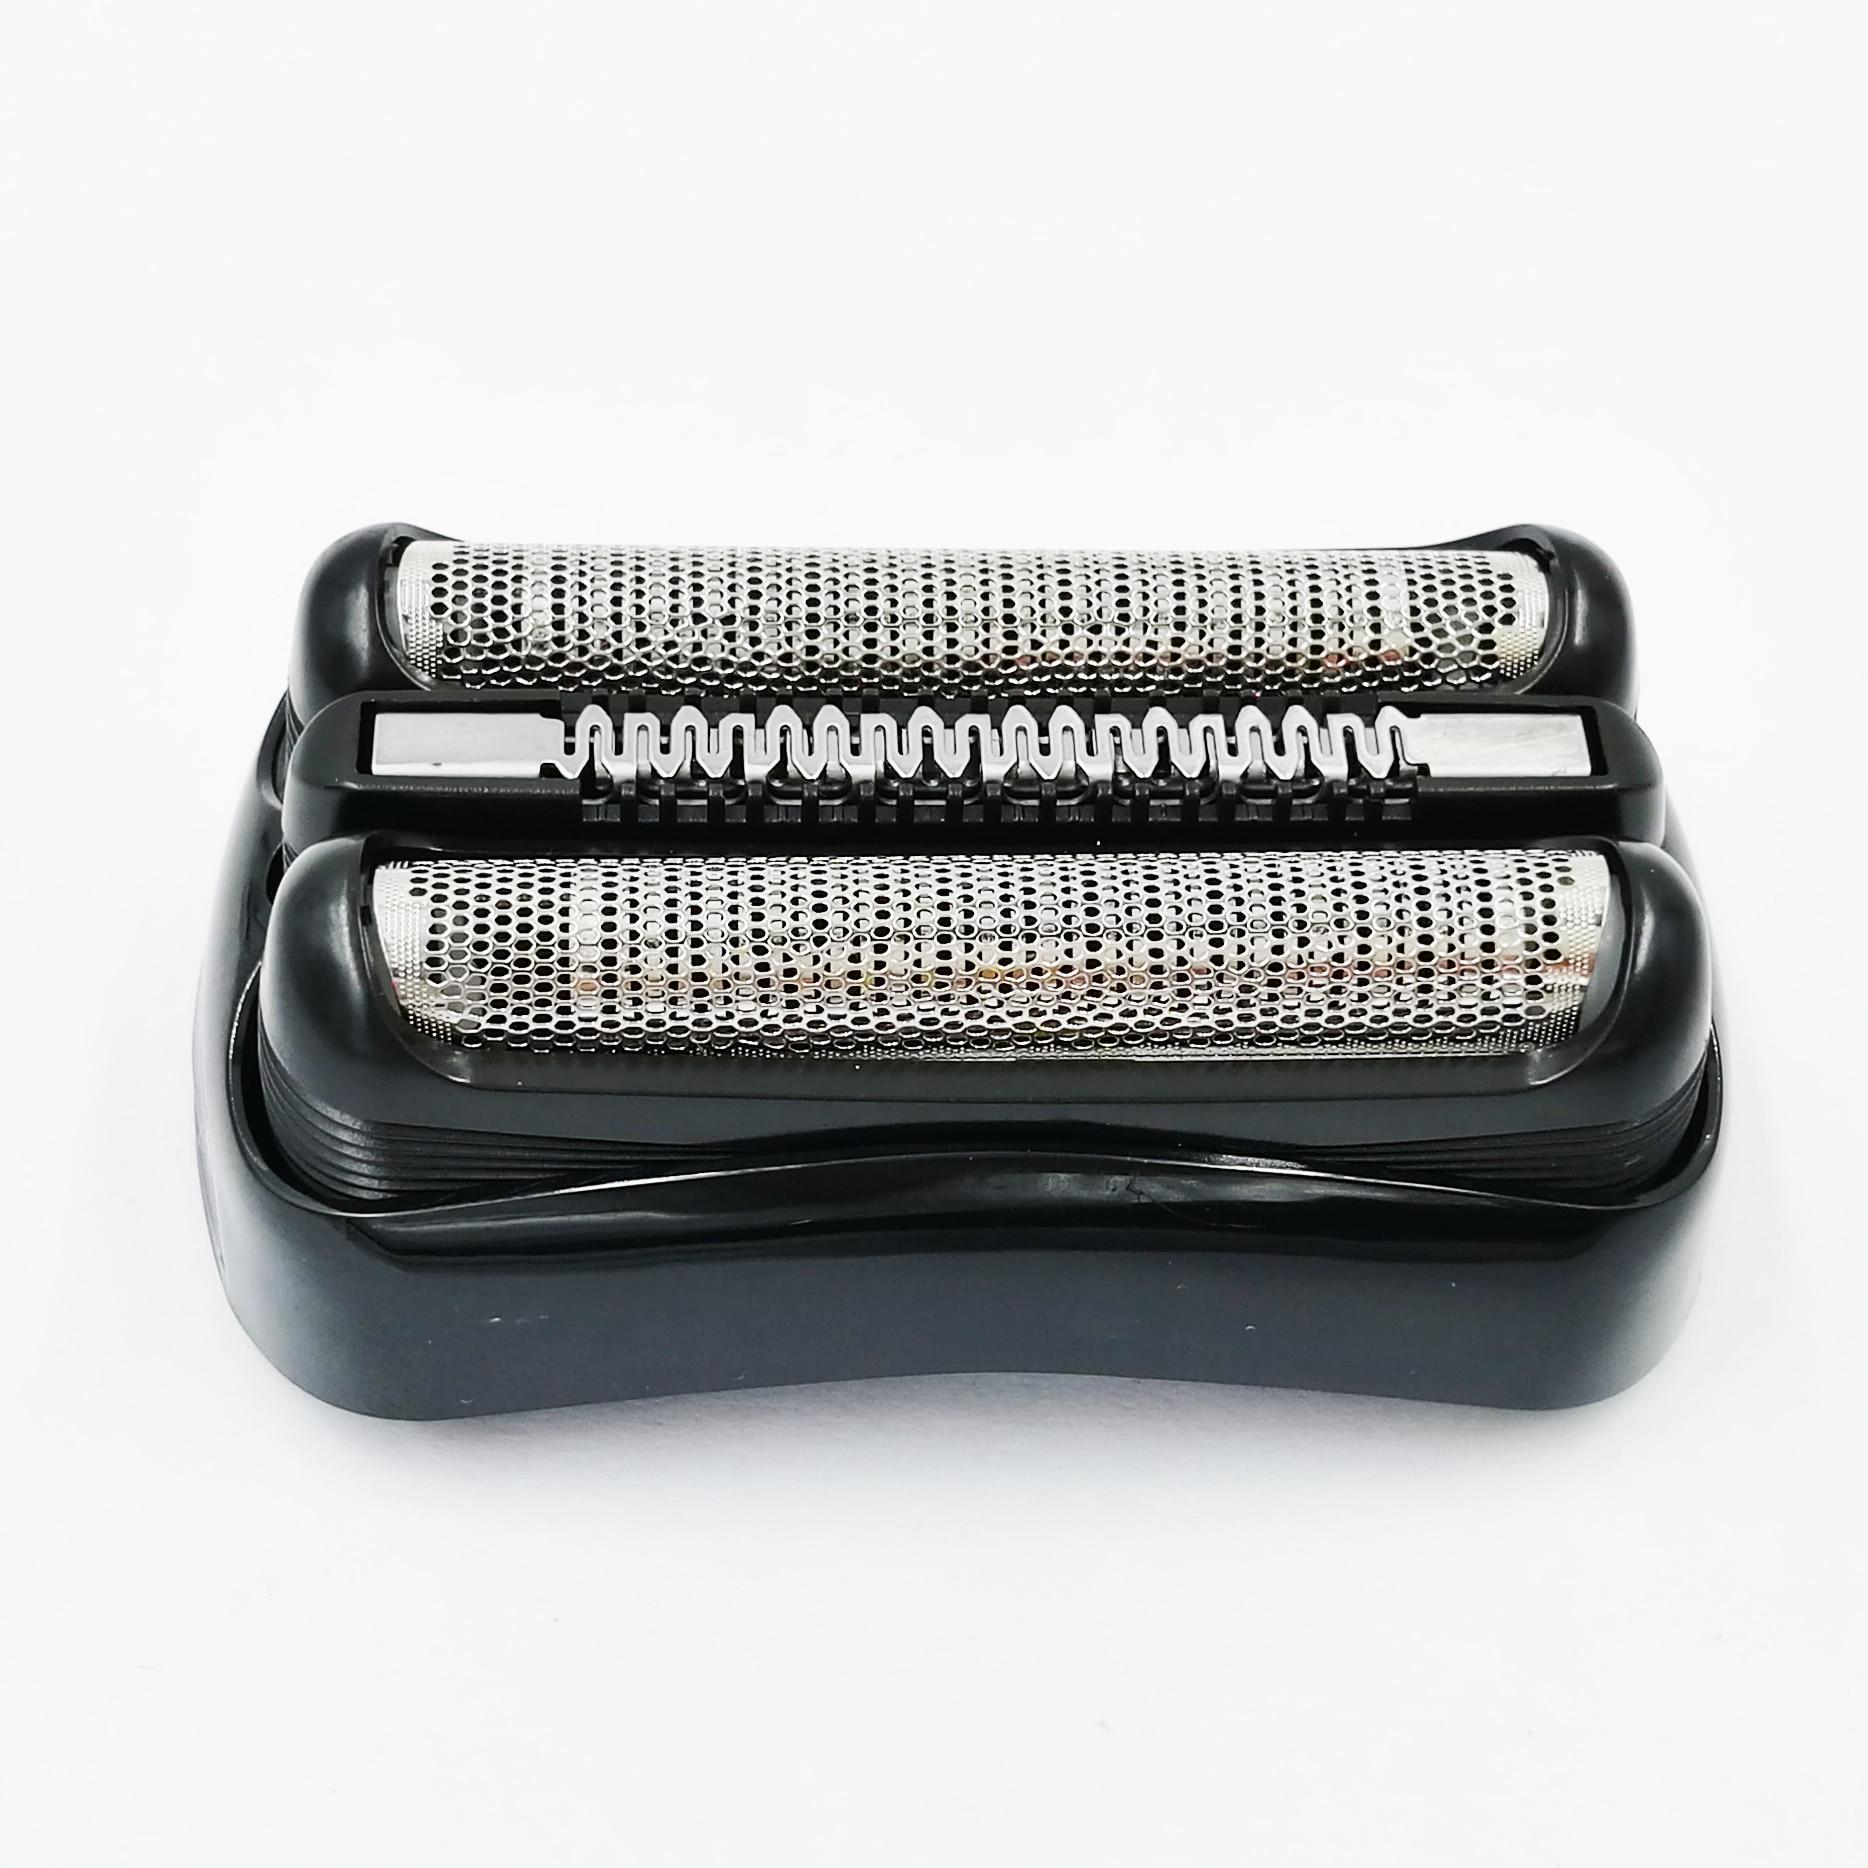 Бритва для BRAUN Series 3, головка для фольги и резака 21B, кассета 320S-4 330S-4 340S-4 3010S 32B 350 380 390CC 350cc 300s 310s